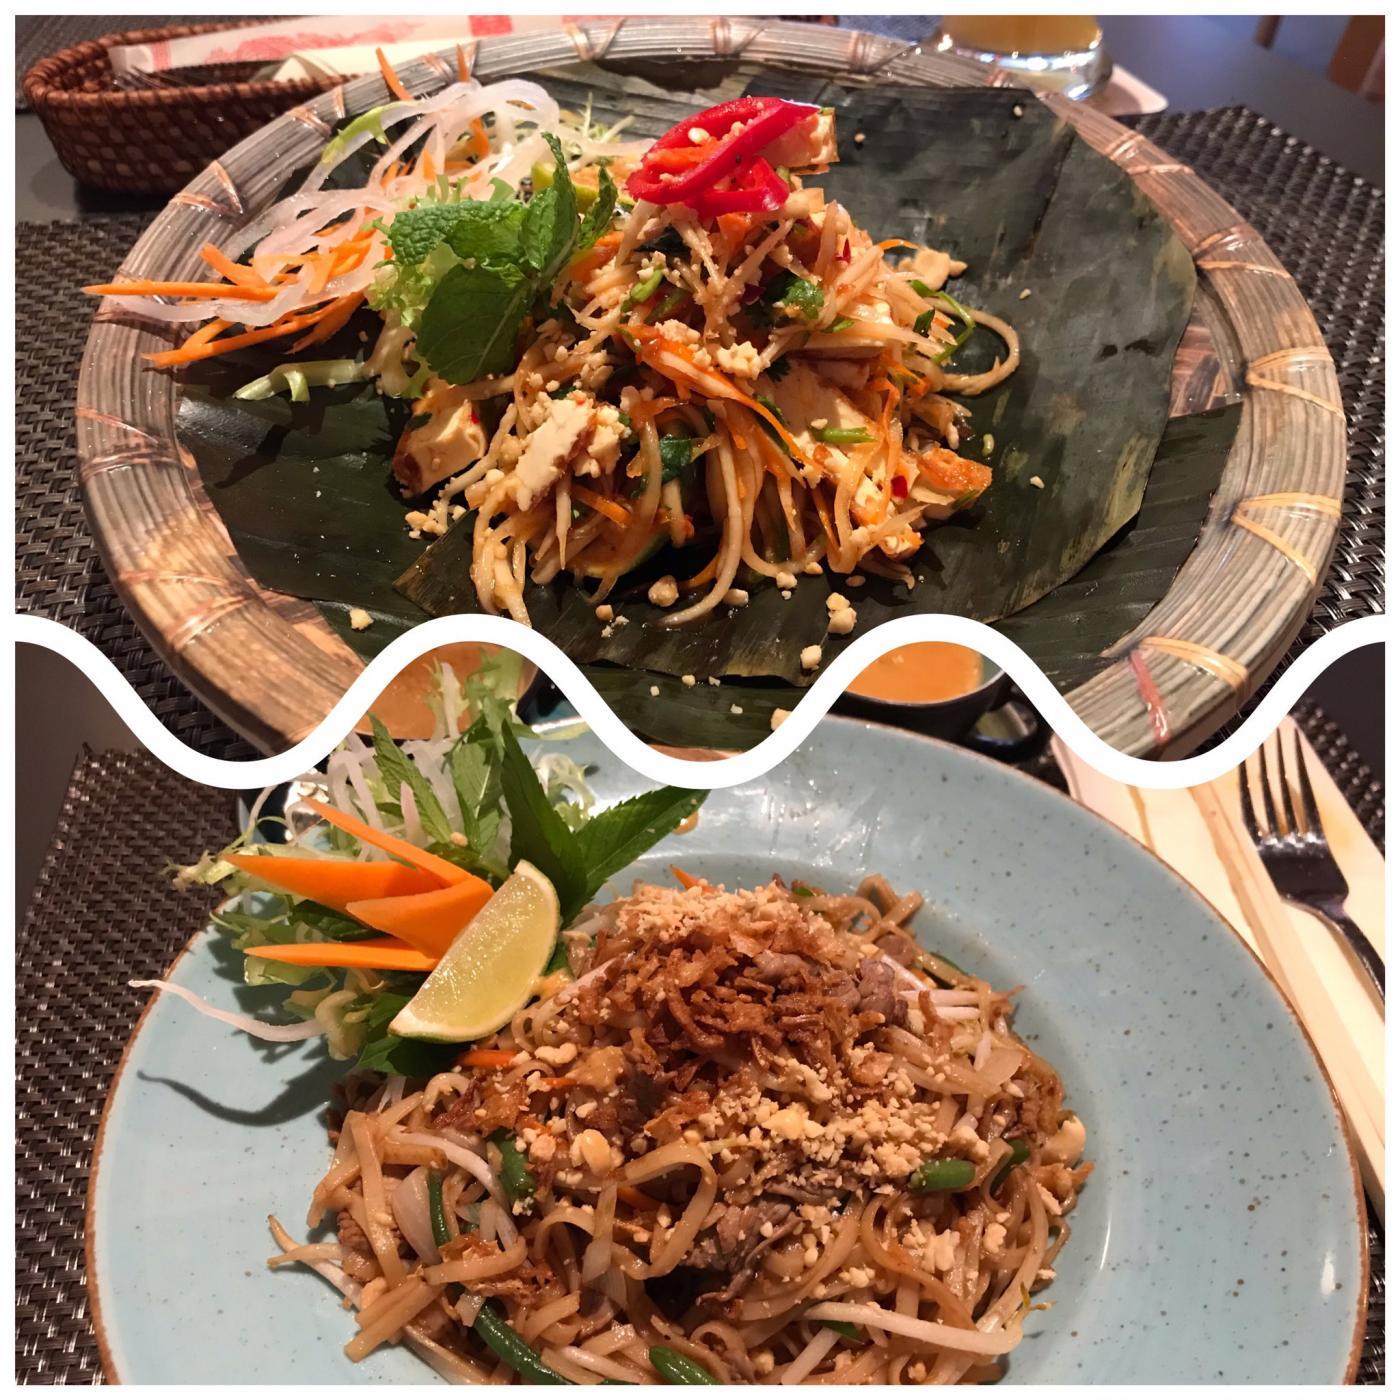 Wenn ihr zufällig mal hier seid... Little Saigon in OG ist echt zu empfehlen! ;)